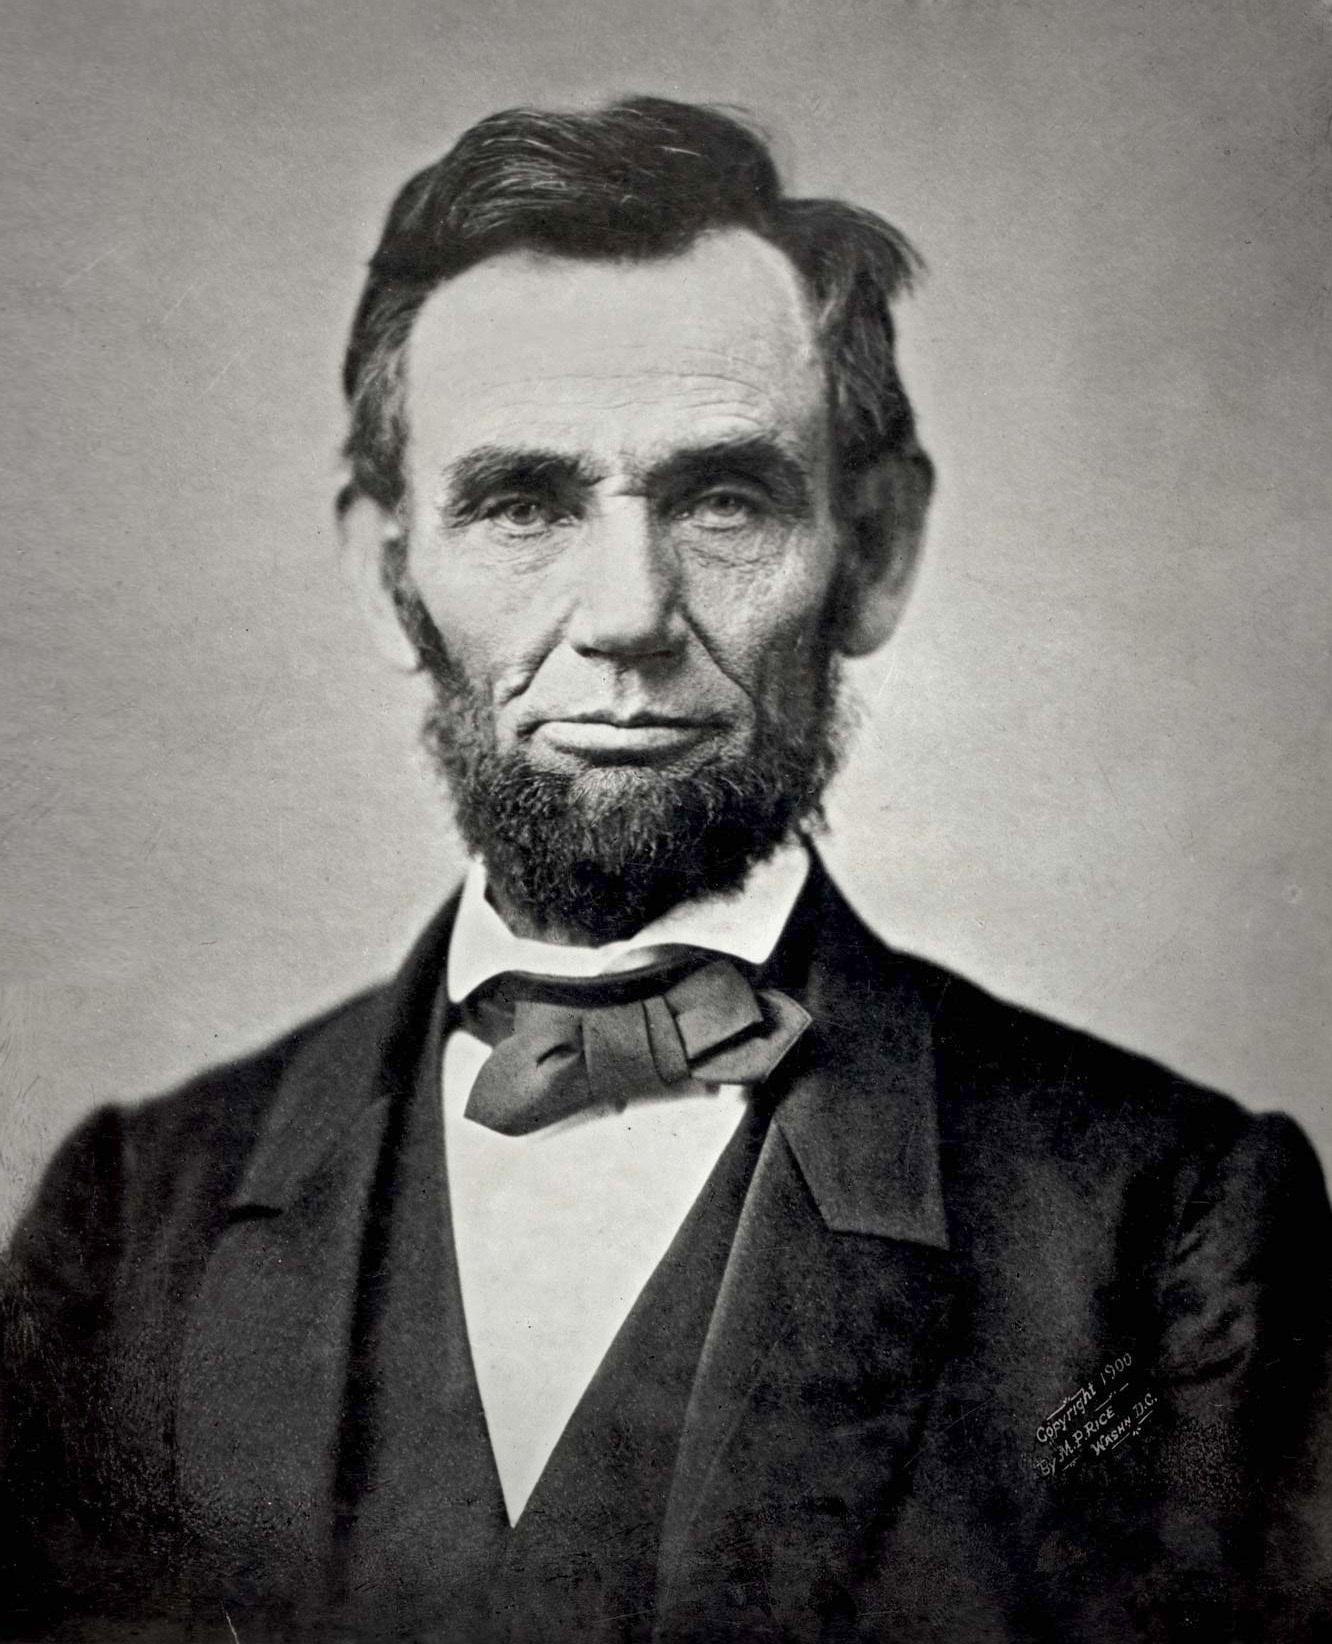 道徳では必ずとりあげられるリンカーン大統領は極悪人!?<br />◆日本人はアメリカ大統領を勘違いしている①